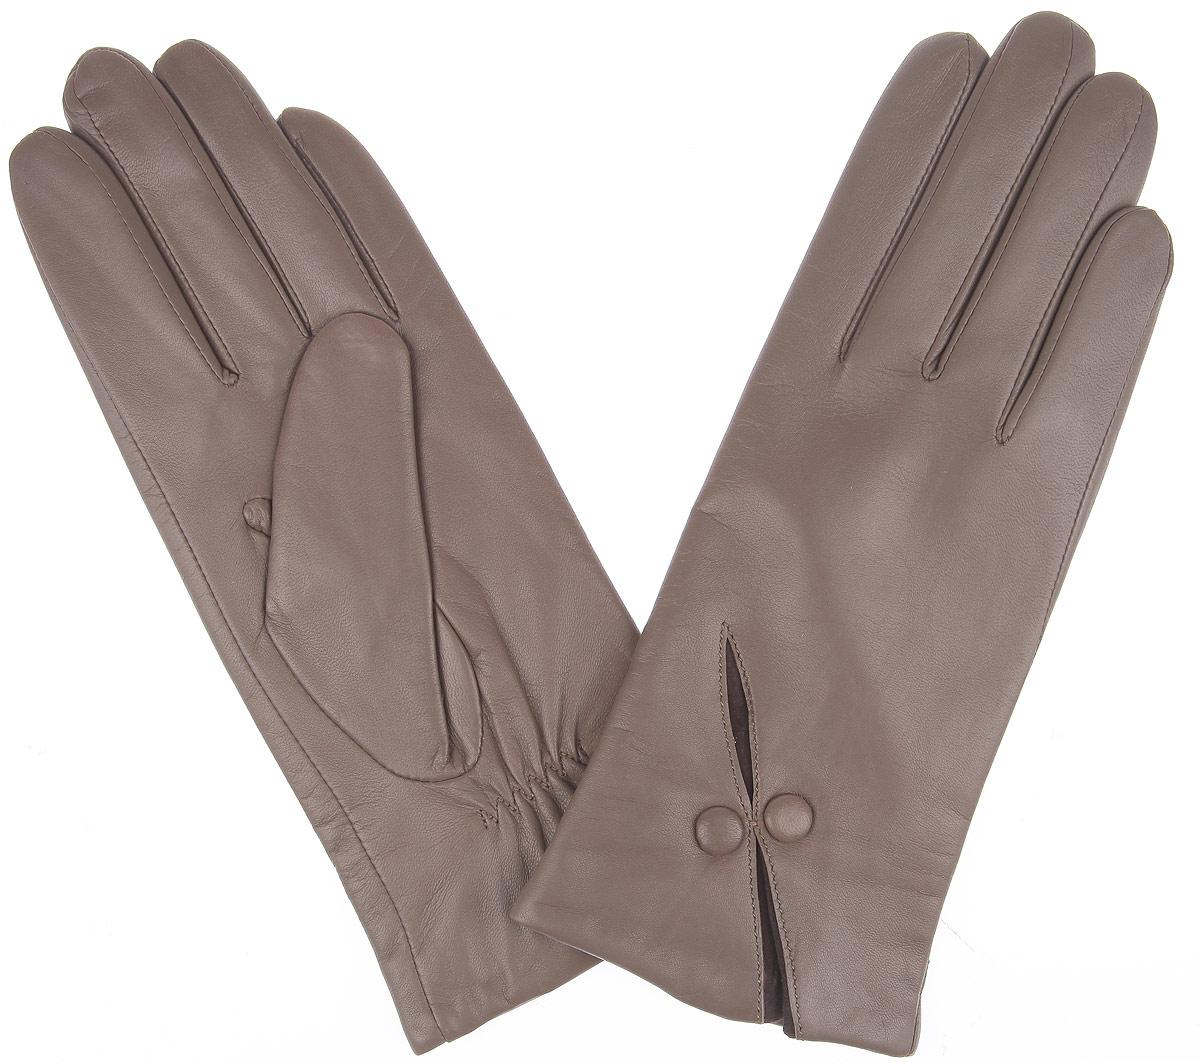 2.69-10 taupeКлассические женские перчатки Fabretti выполнены из кожи эфиопского ягненка, а их подкладка - из шерсти с добавлением кашемира. Манжеты оформлены контрастной вставкой из замши и декоративными пуговками. Тыльная сторона оснащена резинкой для оптимальной посадки модели на руке. Перчатки станут завершающим и подчеркивающим элементом вашего стиля и неповторимости